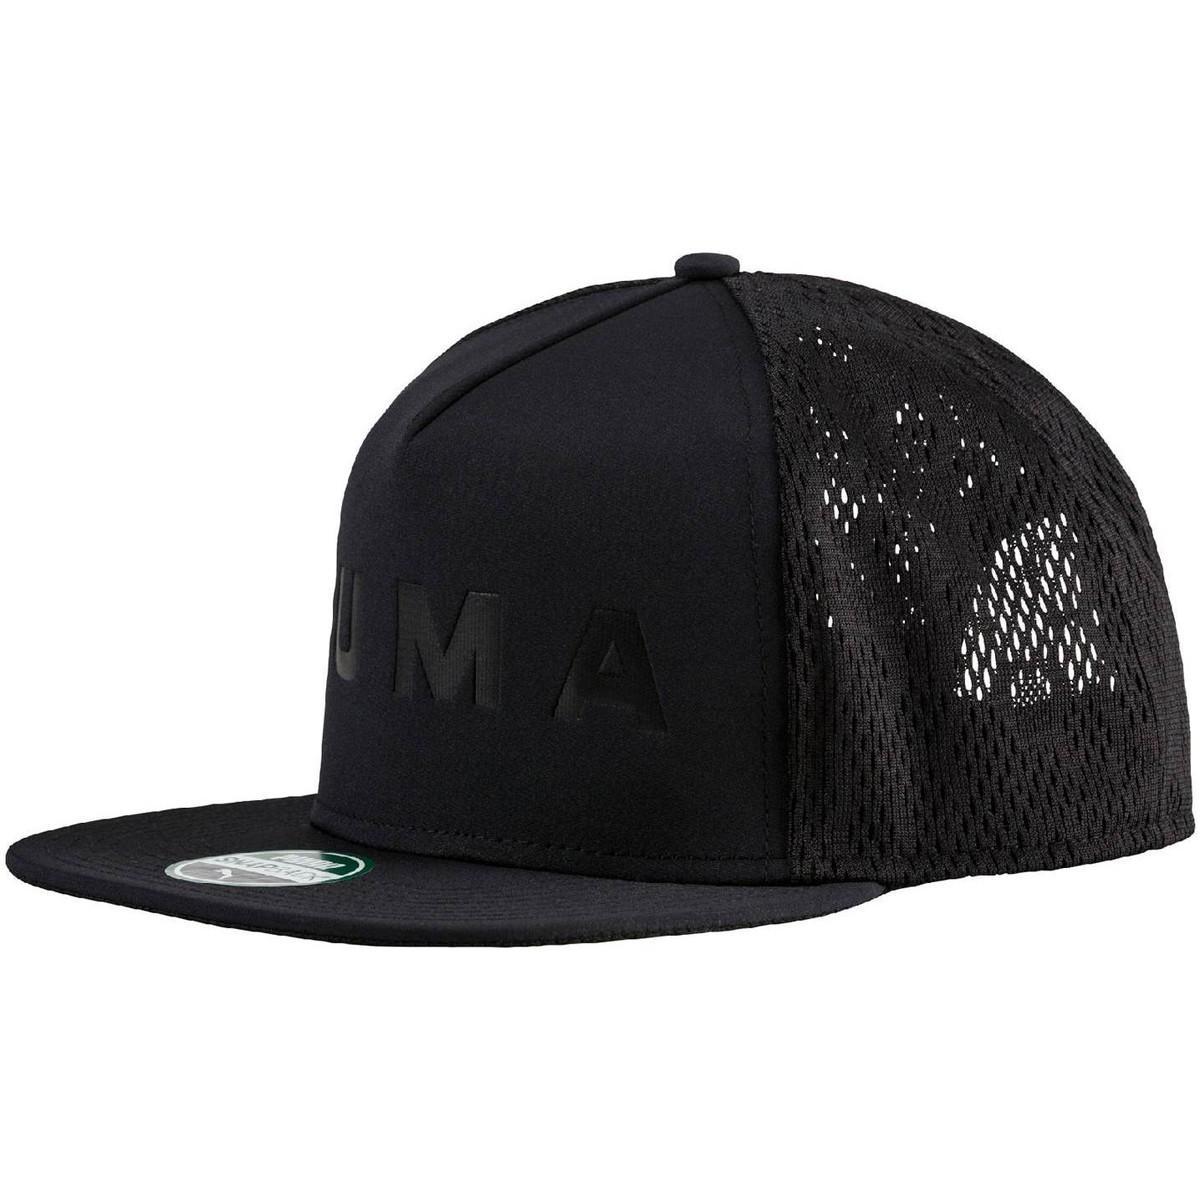 PUMA 021177 Hat Accessories Black Women s Beanie In Black in Black ... c31e09050a5e